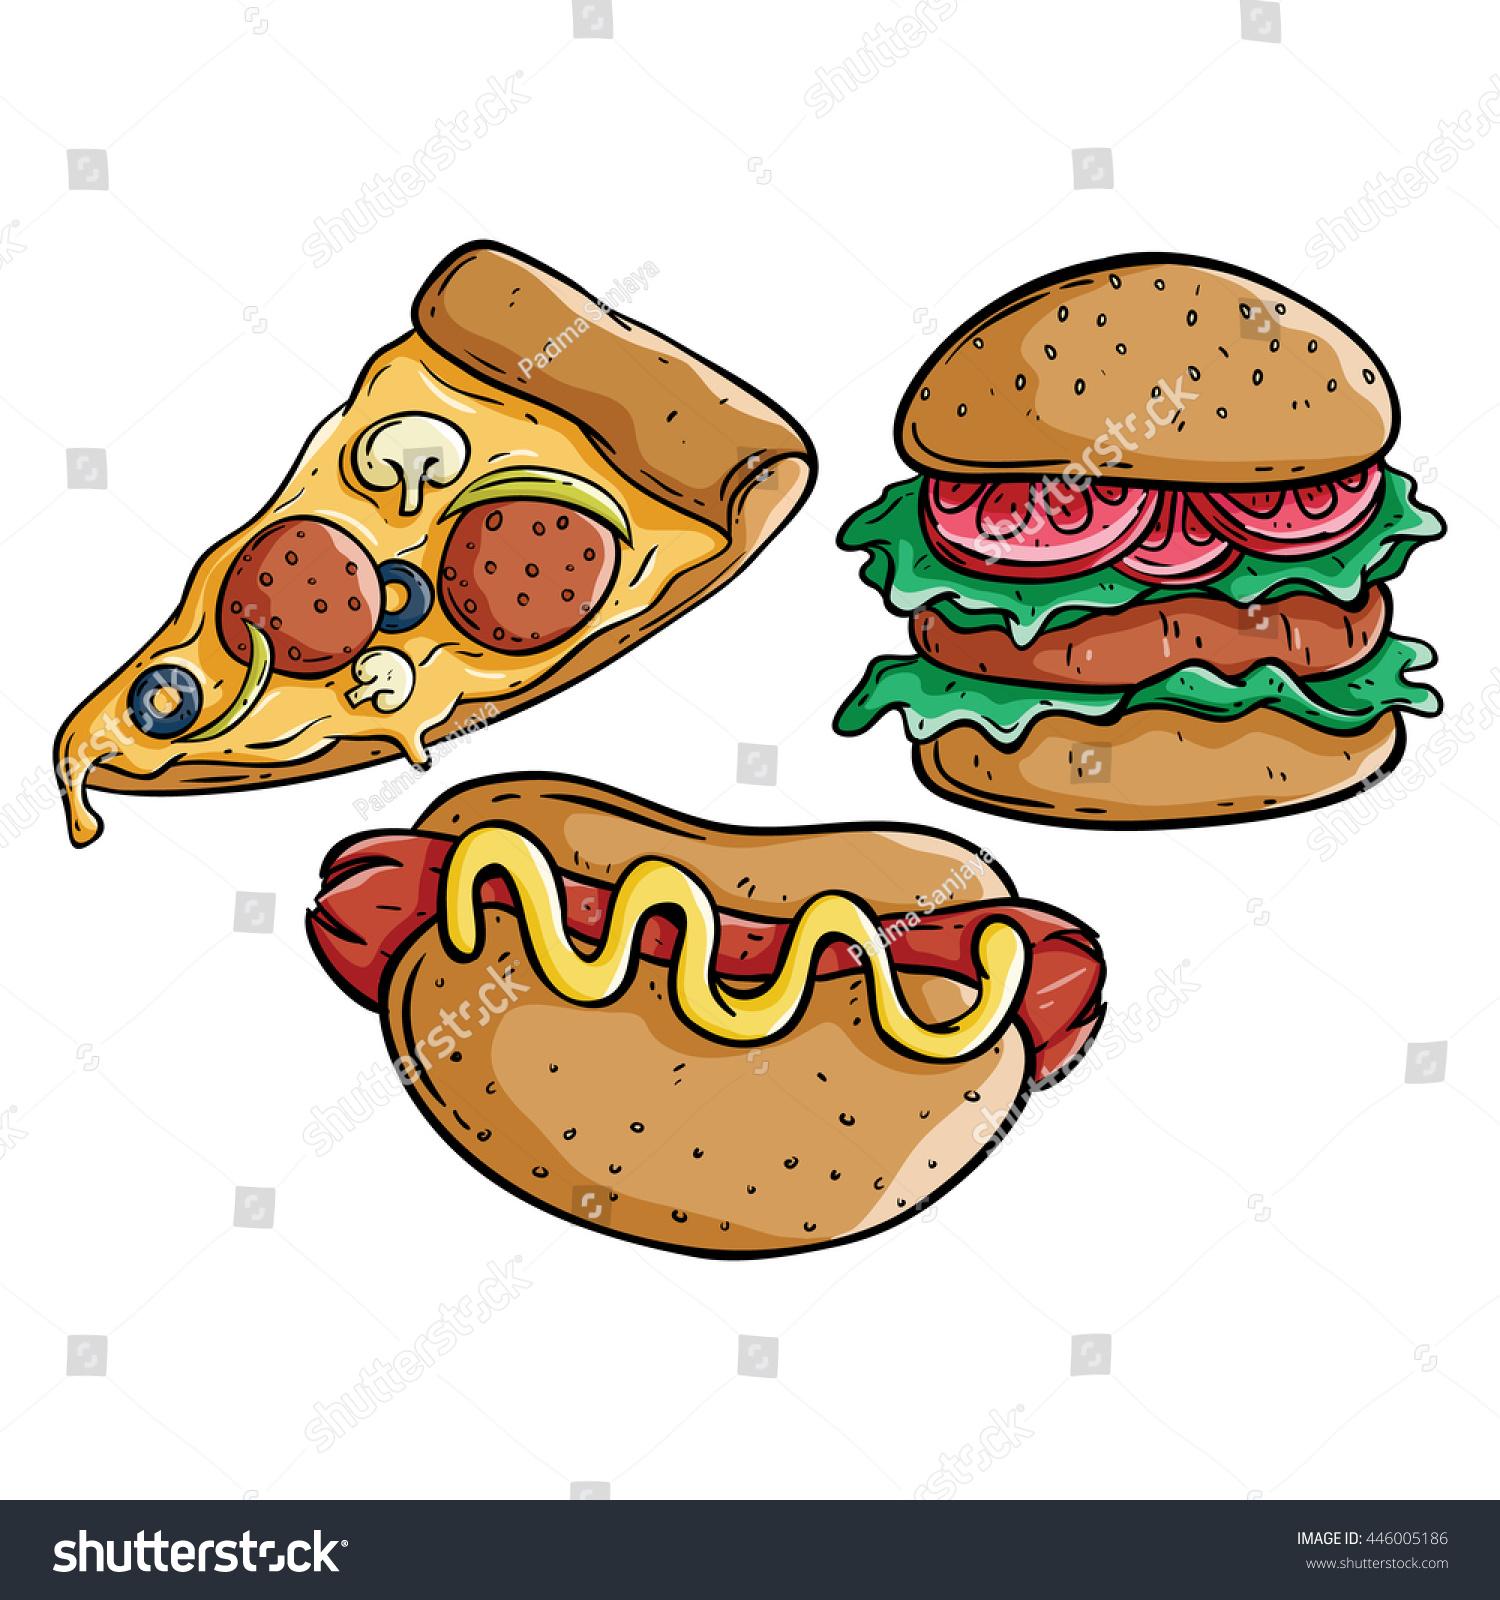 Burger clipart pizza Art Burger Burger Pizza and